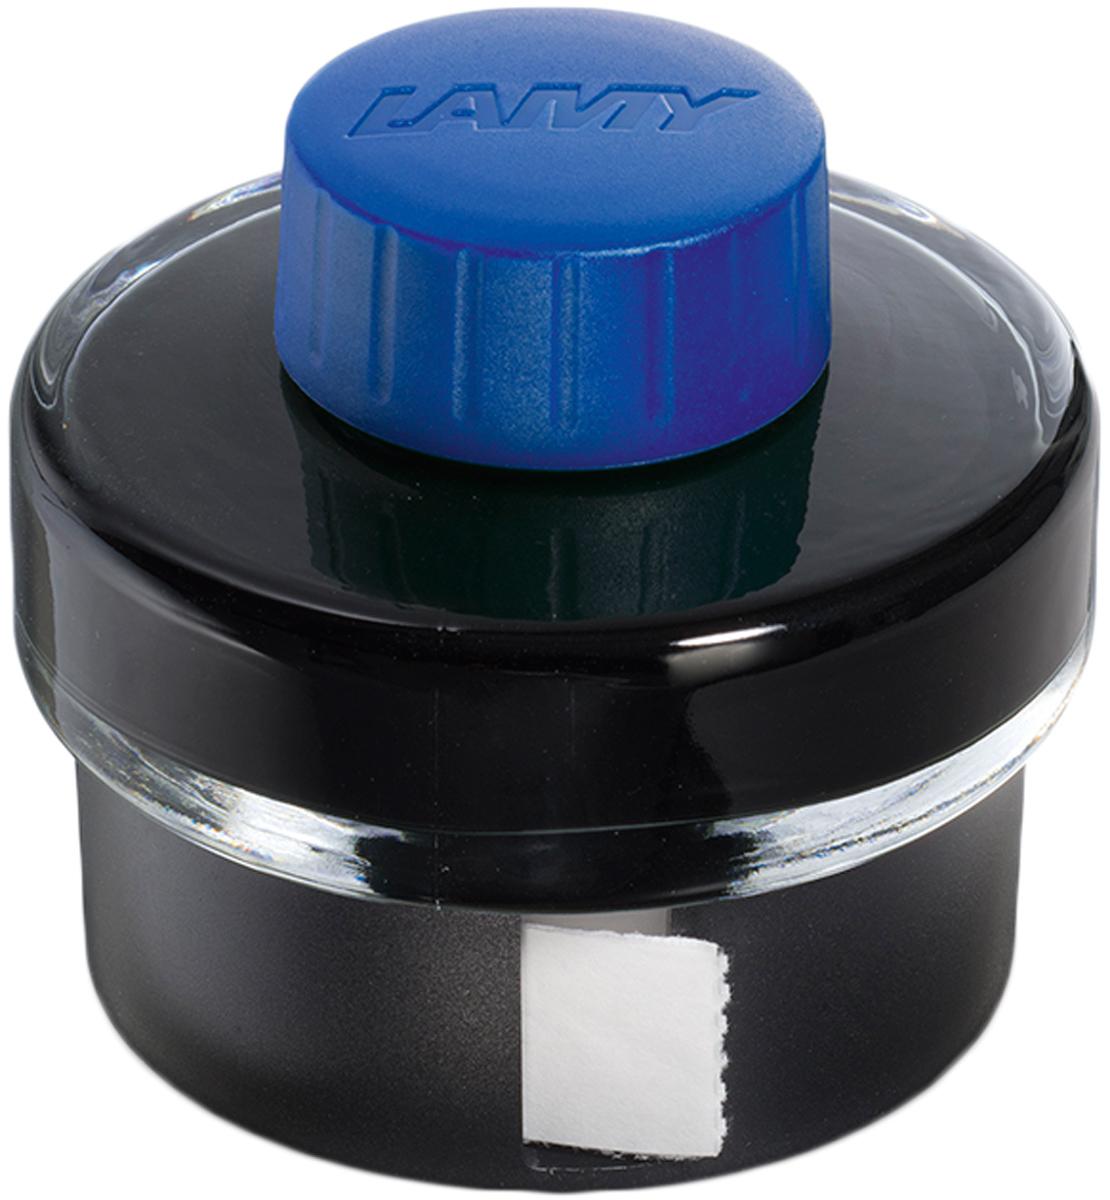 Lamy Чернила для письма T52 цвет синий 50 мл1608933Чернила для перьевых ручек на водной основе в стеклянном флаконе с пластиковым основанием. В основании находится рулон промокательной бумаги для удаления капель чернил с пишущего узла ручки после заправки.На дне флакона имеется углубление для сбора остатков чернил для удобной заправки и использования до последней капли.Чернила предназначены для заправки перьевых ручек с помощью конвертера а также для поршневых перьевых ручек.Цвет: синийИстория бренда Lamy насчитывает более 80-ти лет, а его философия заключается в слогане Дизайн. Сделано в Германии. Компания получила более 100 самых престижных дизайнерских наград. Все пишущие инструменты Lamy производятся на фабрике в Гейдельберге (Германия).